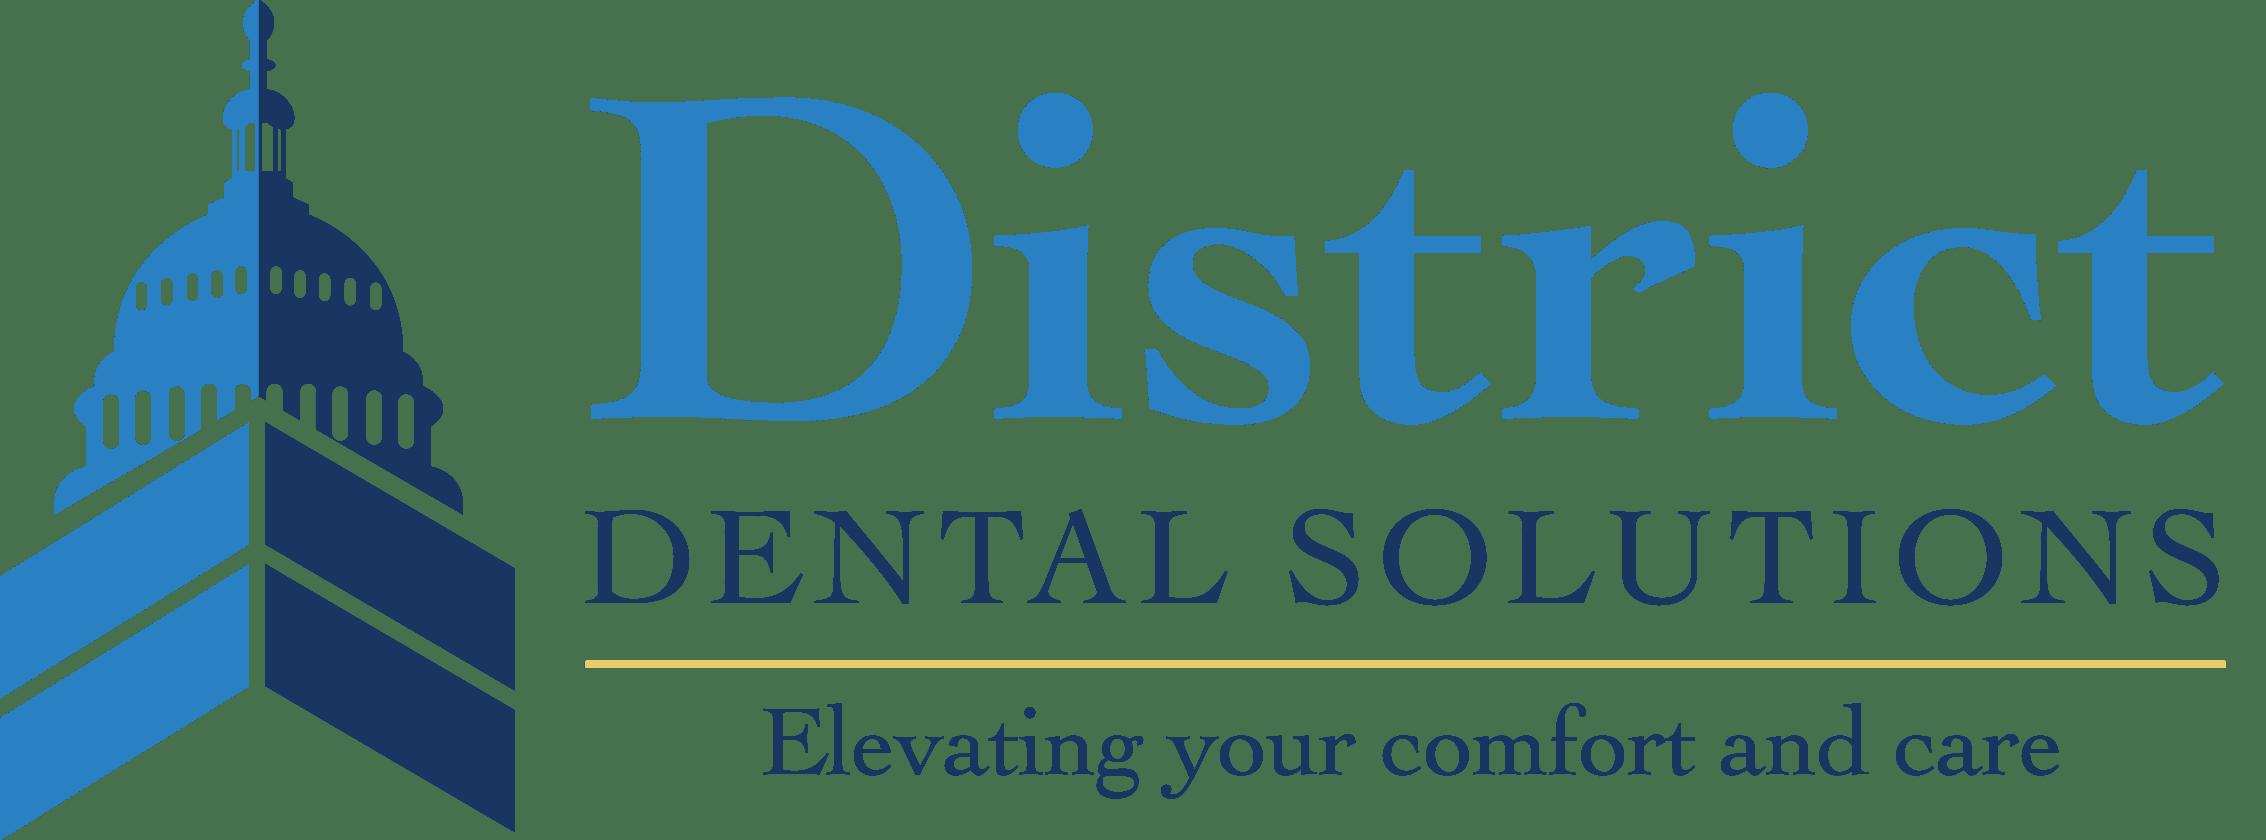 أفضل اطباء الاسنان في واشنطن لعام 2021